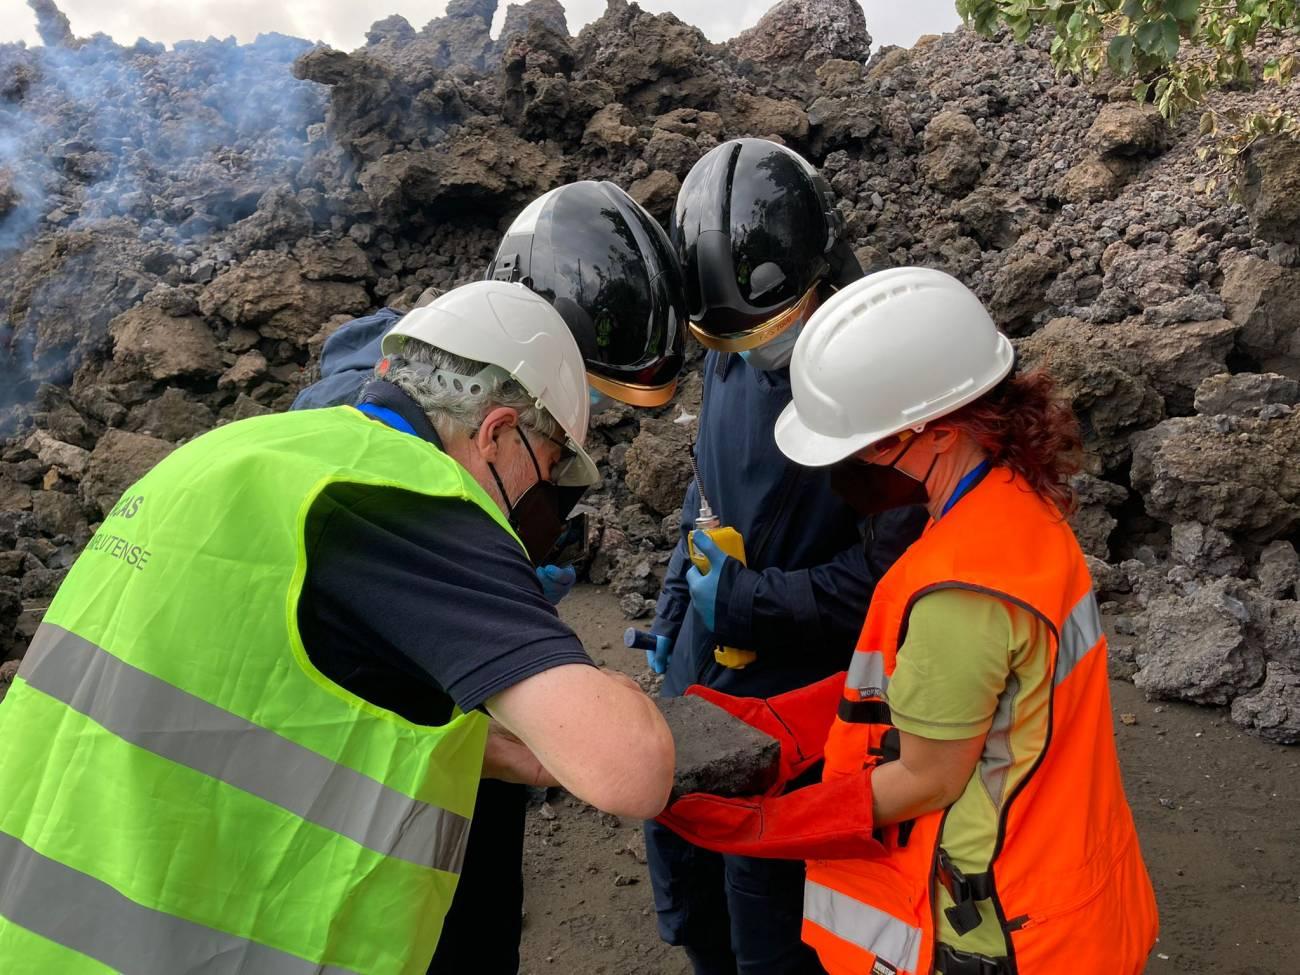 Equipo de geologos - Eumenio Ancochea ,Geólogo : La erupción muestra que la vida de La Palma  continúa, aunque desde la perspectiva humana es una desgracia